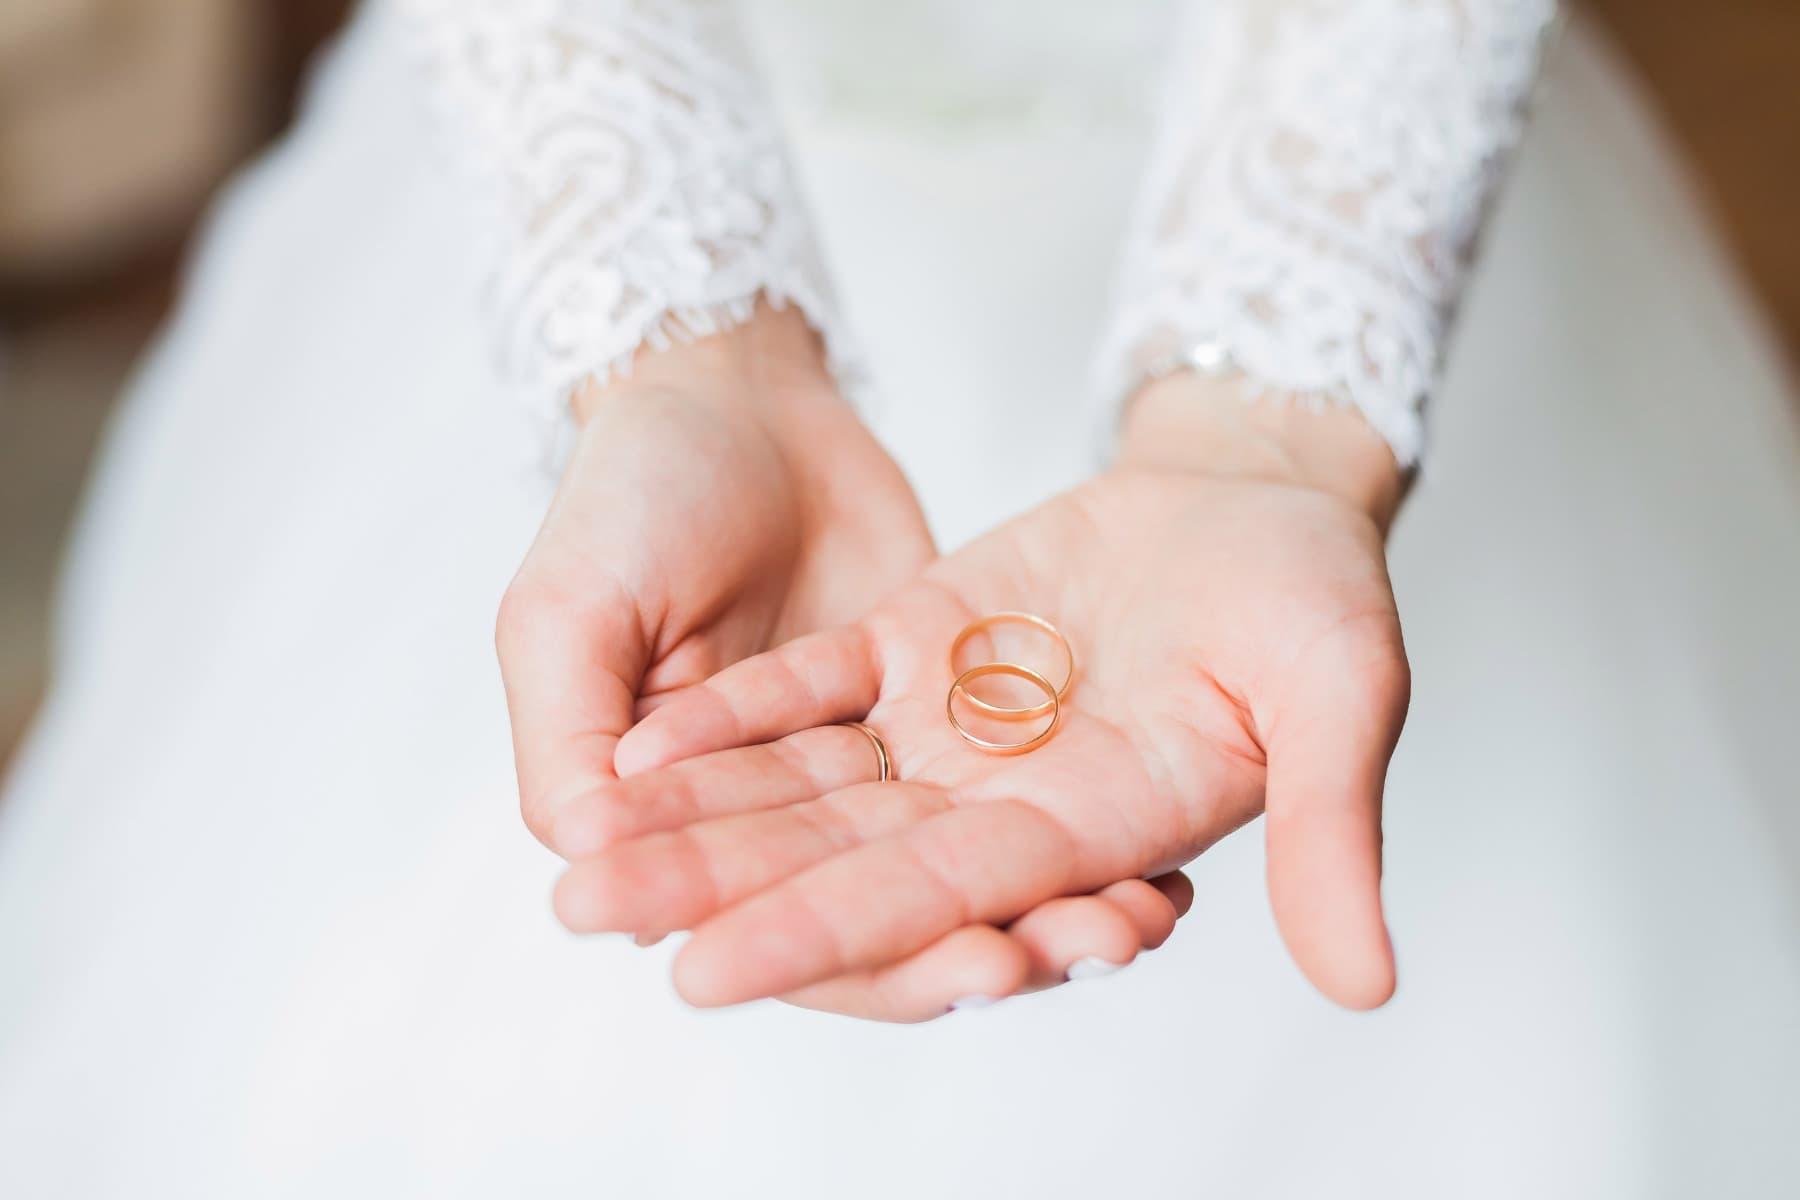 Verlobung am Valentinstag? Nicht ohne einen Ring!